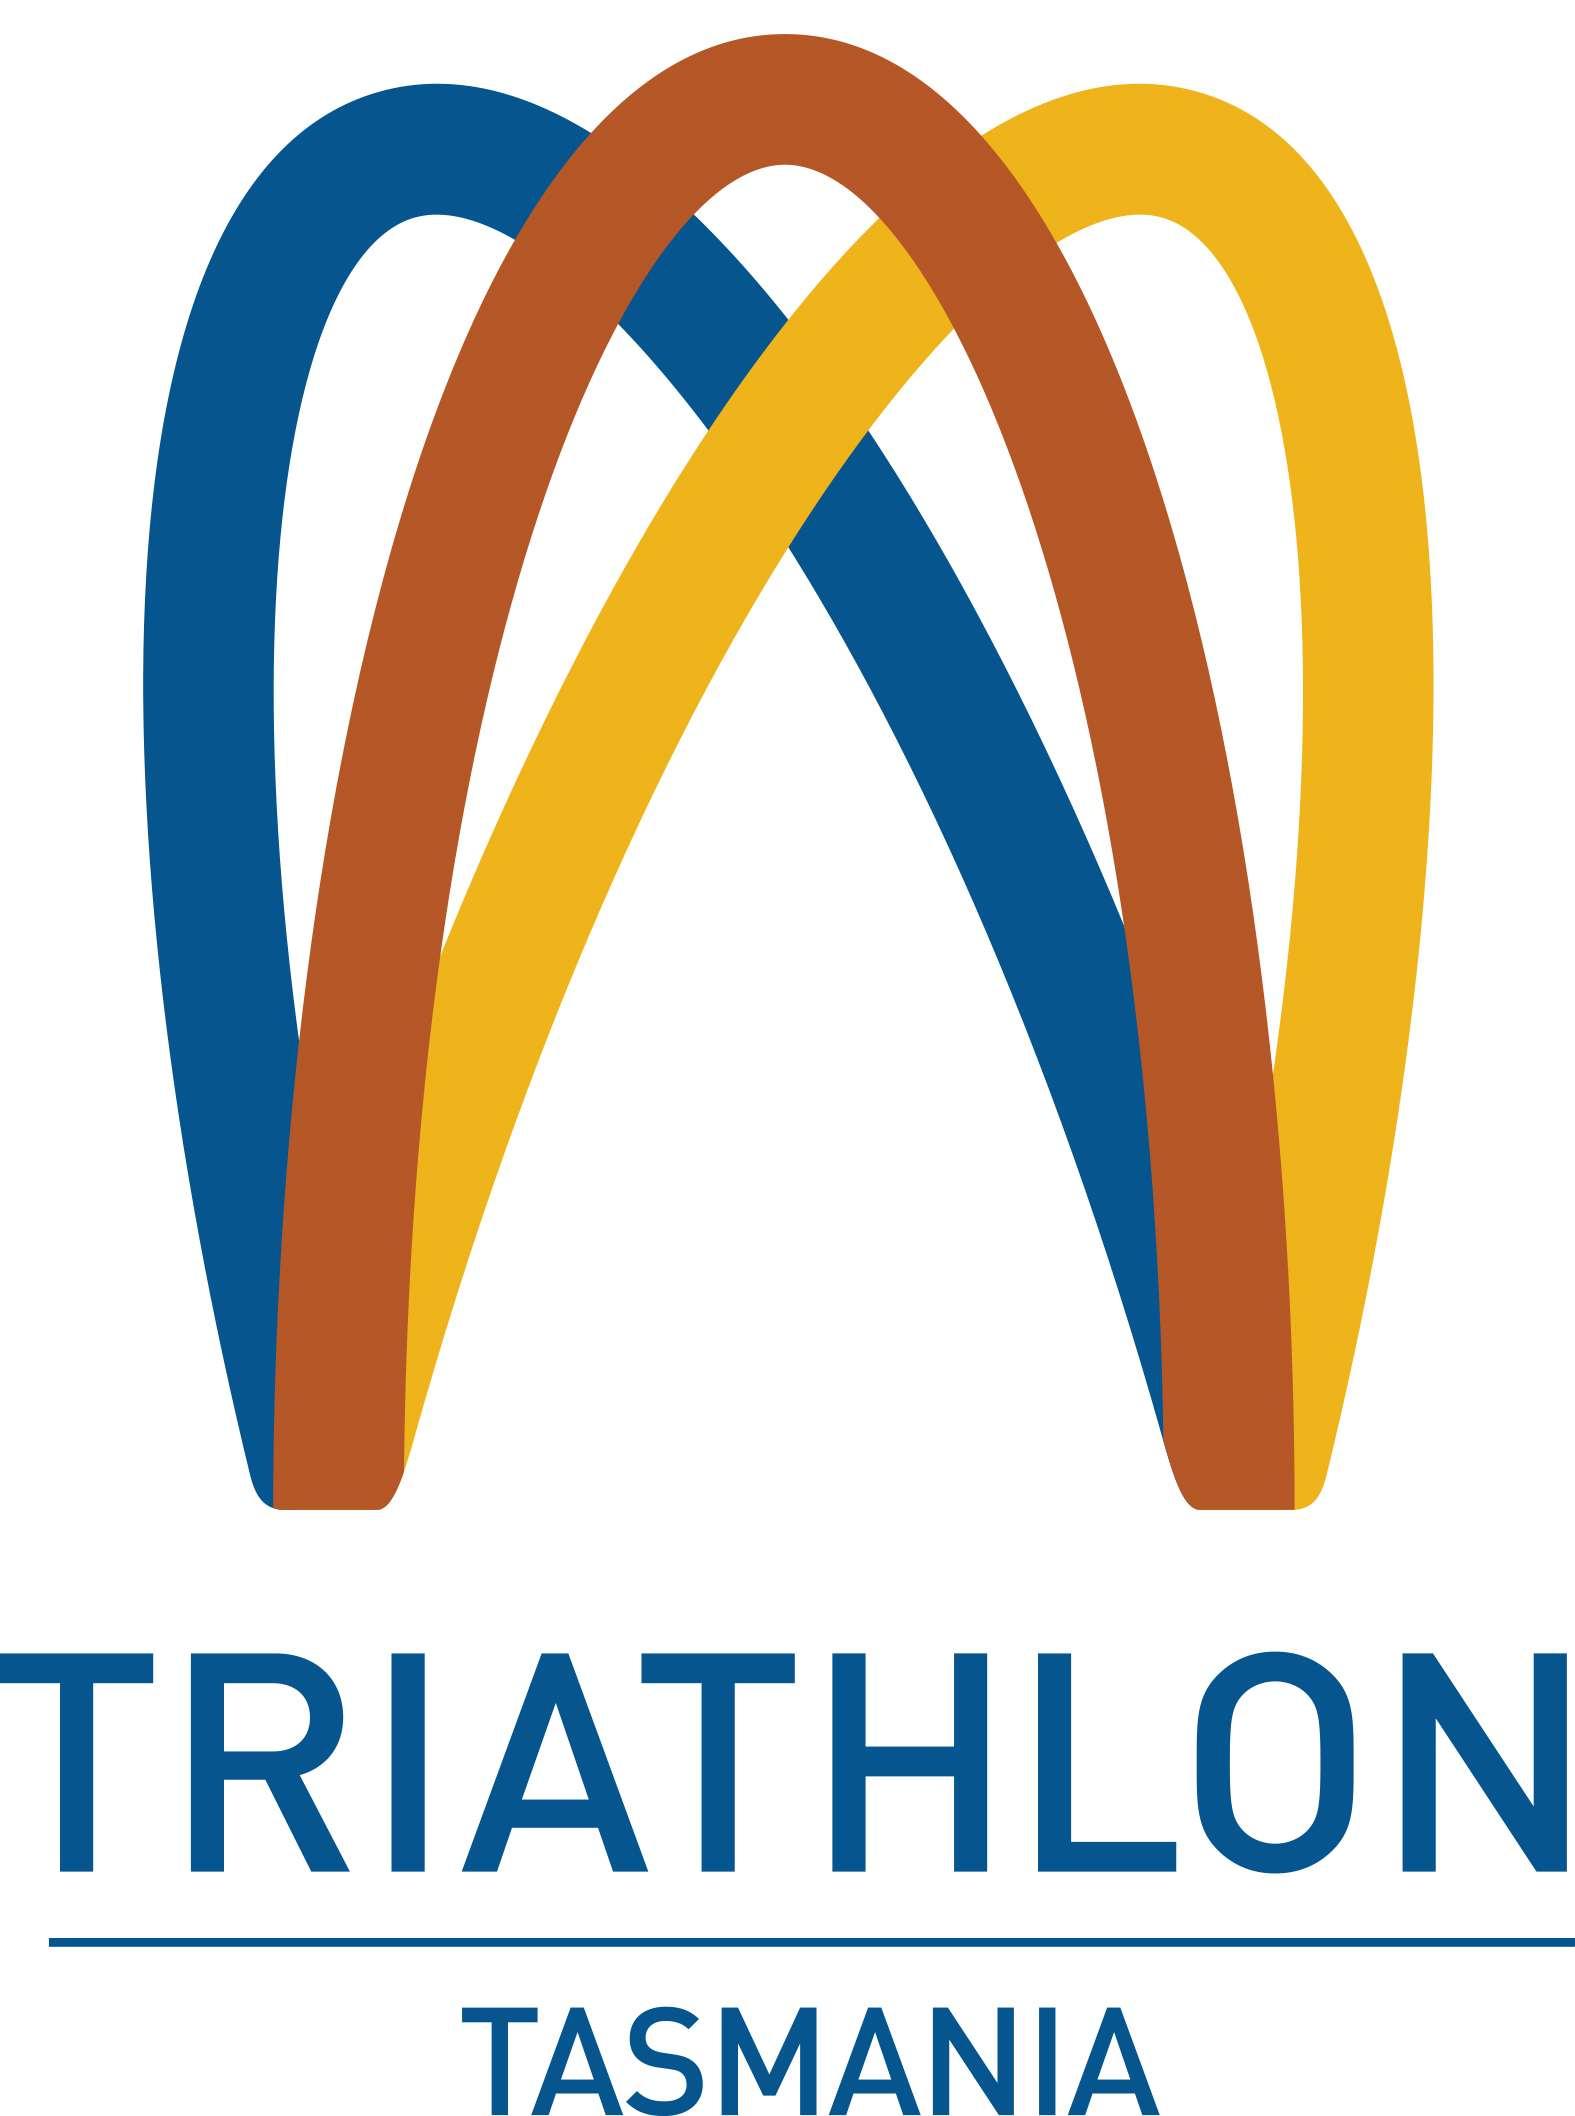 2016 TAS logo